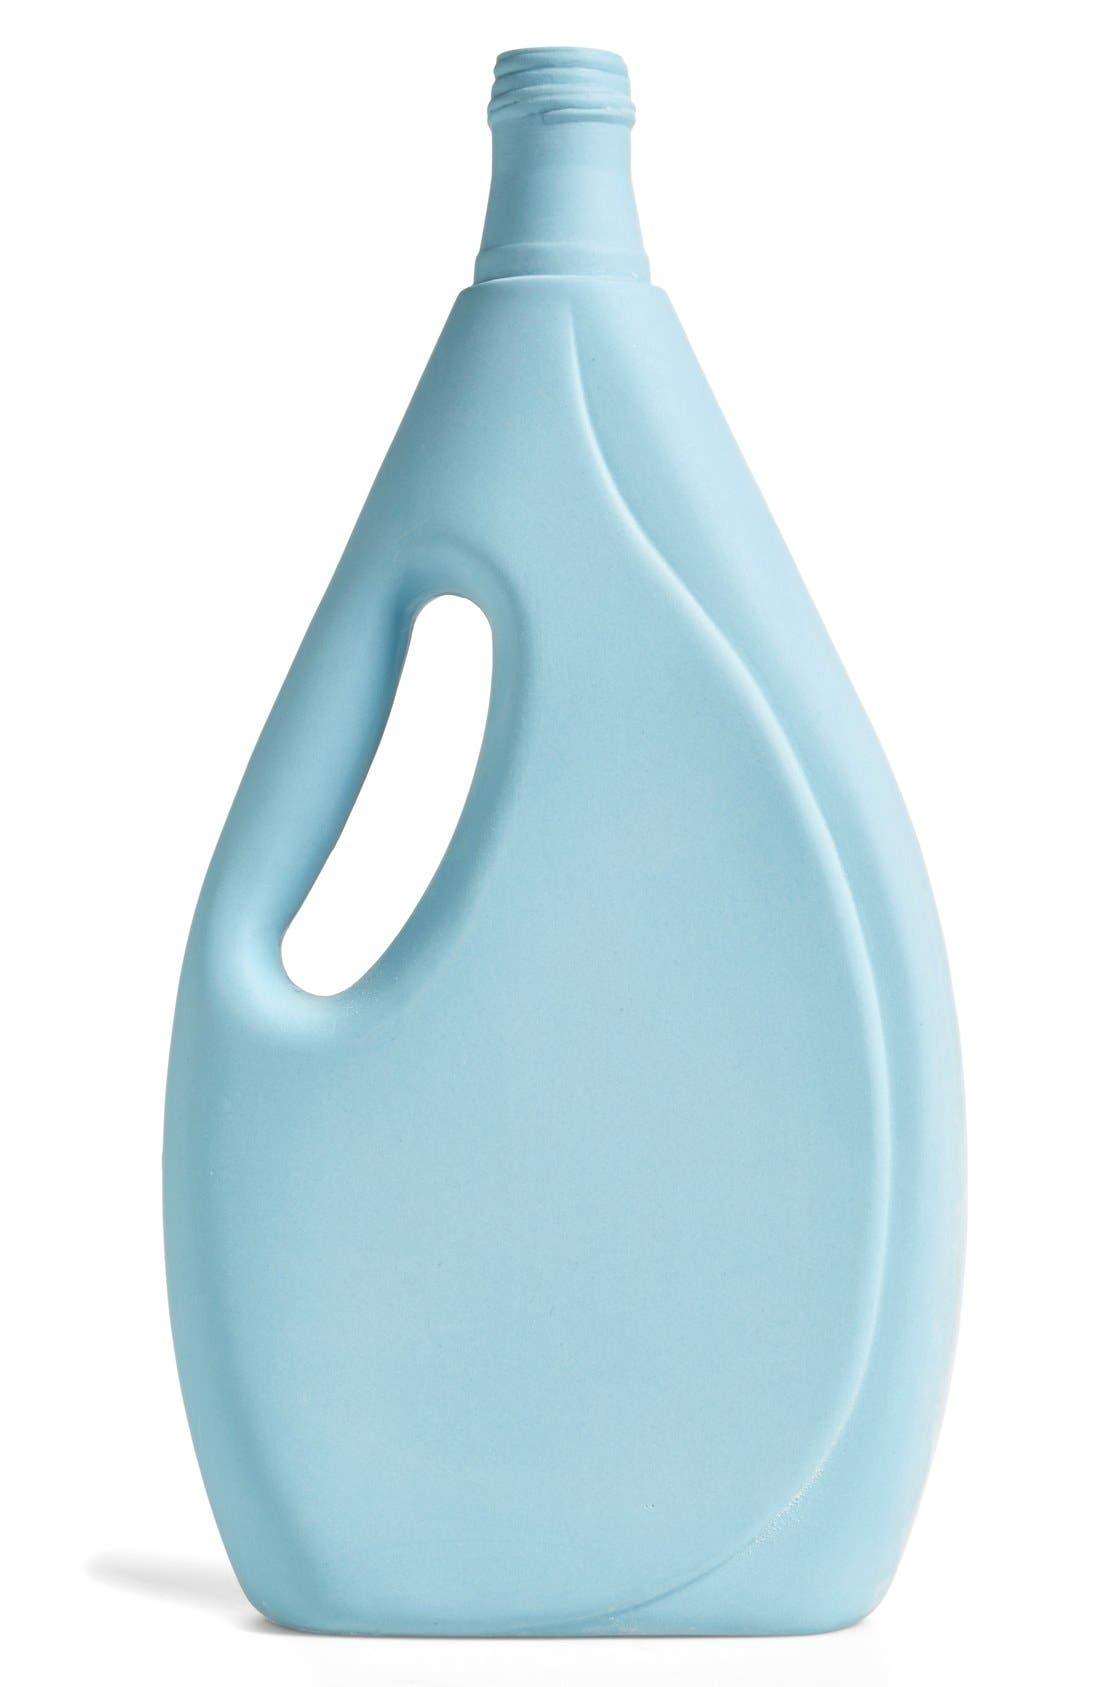 Alternate Image 1 Selected - Middle Kingdom 'Laundry Detergent Bottle' Porcelain Vase